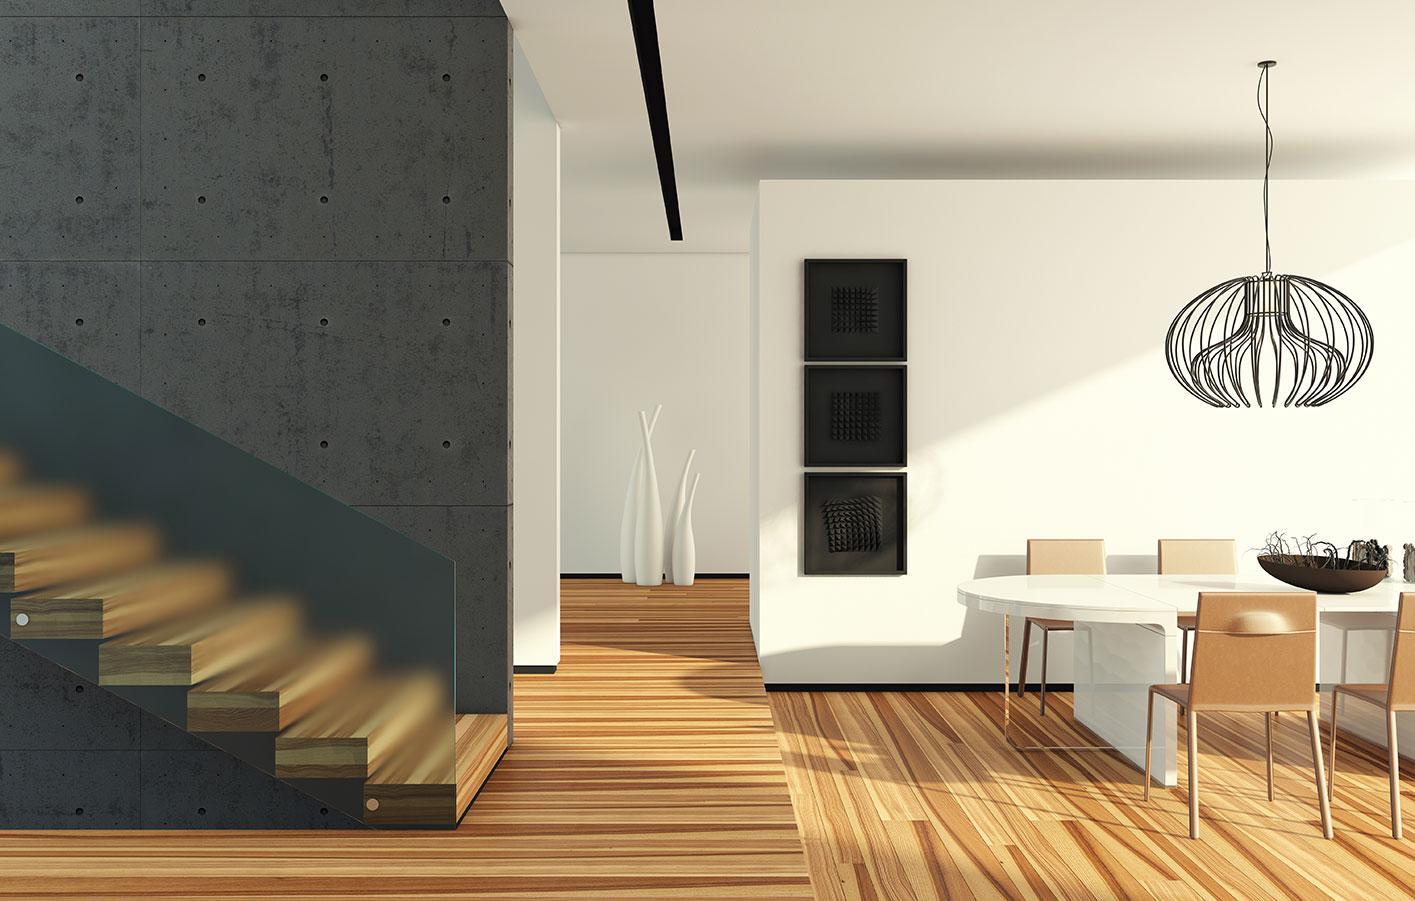 Fußboden Ideen Zumi ~ Vinyl fußboden auf der terrasse montage von innentüren